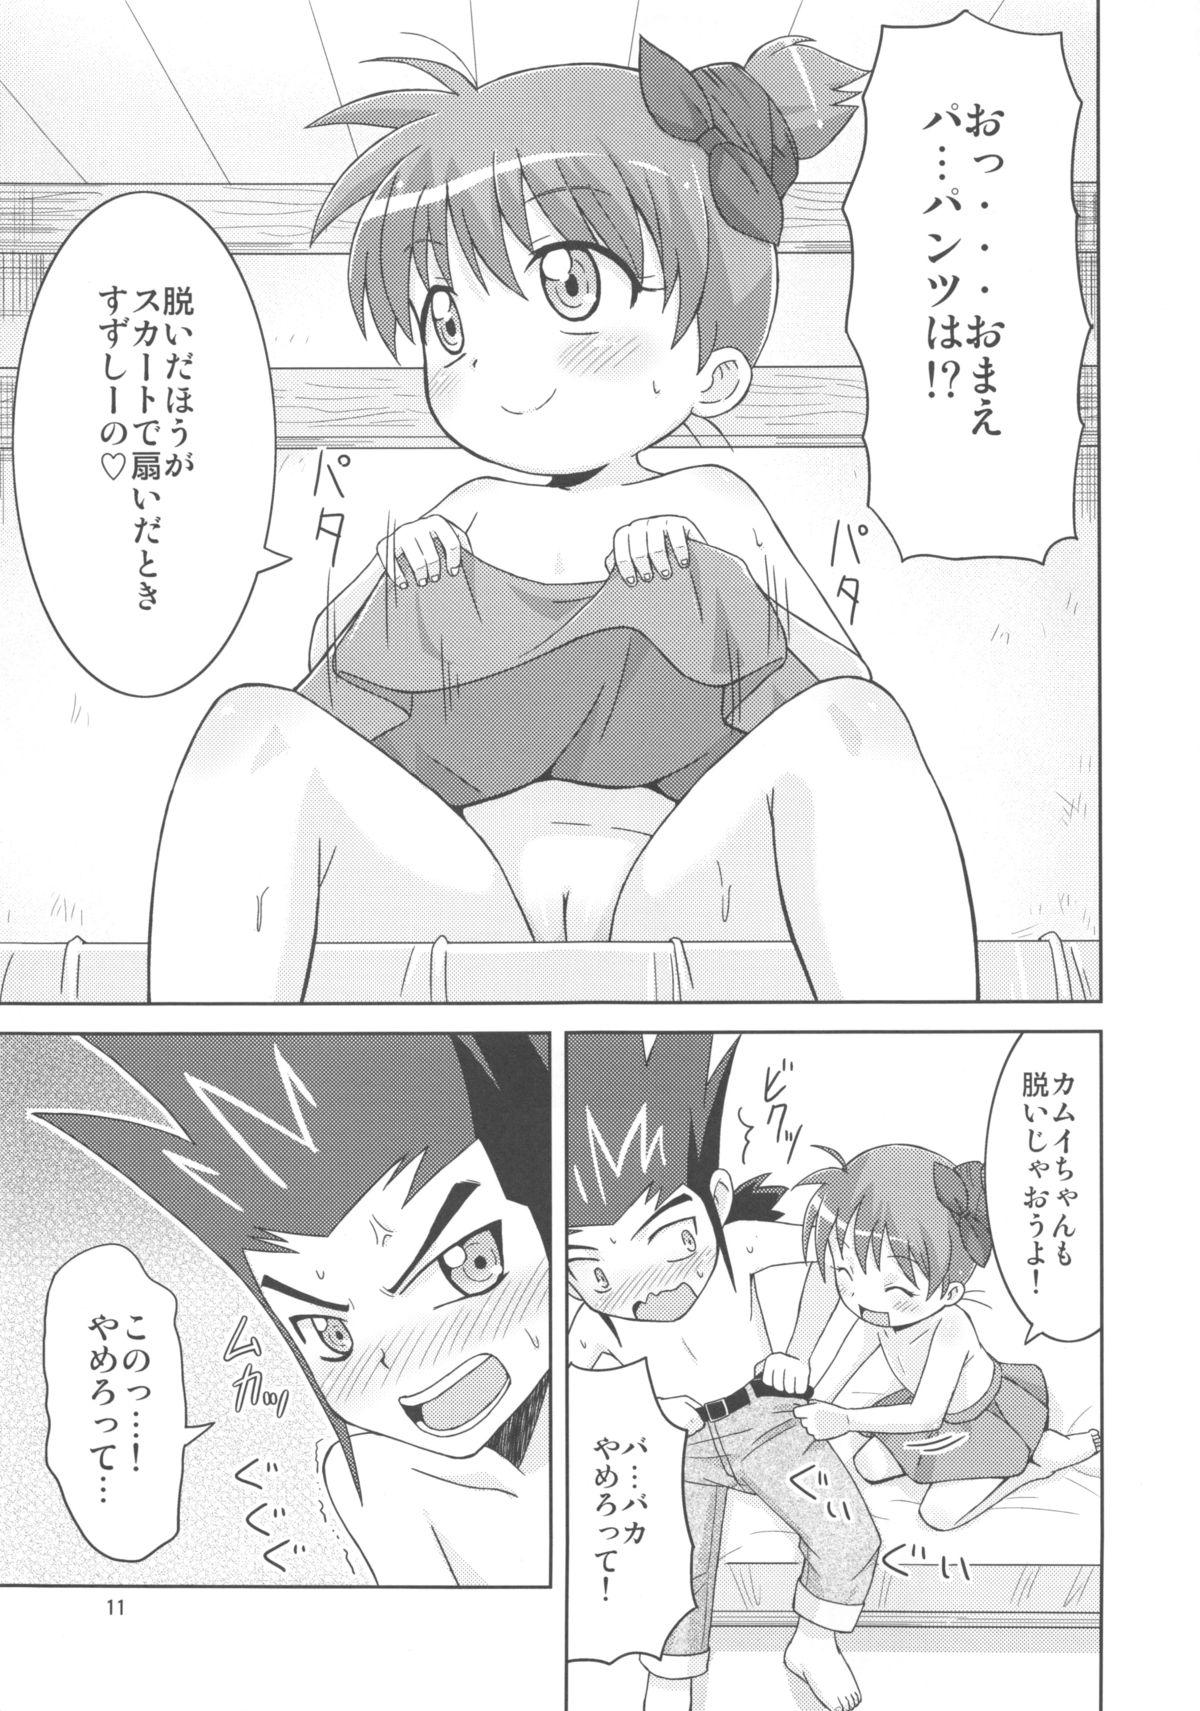 (Puniket 27) [Tori no Ya (Mashikodori)] Kamui-kun to Nagisa-chan to. (Cardfight!! Vanguard) 10